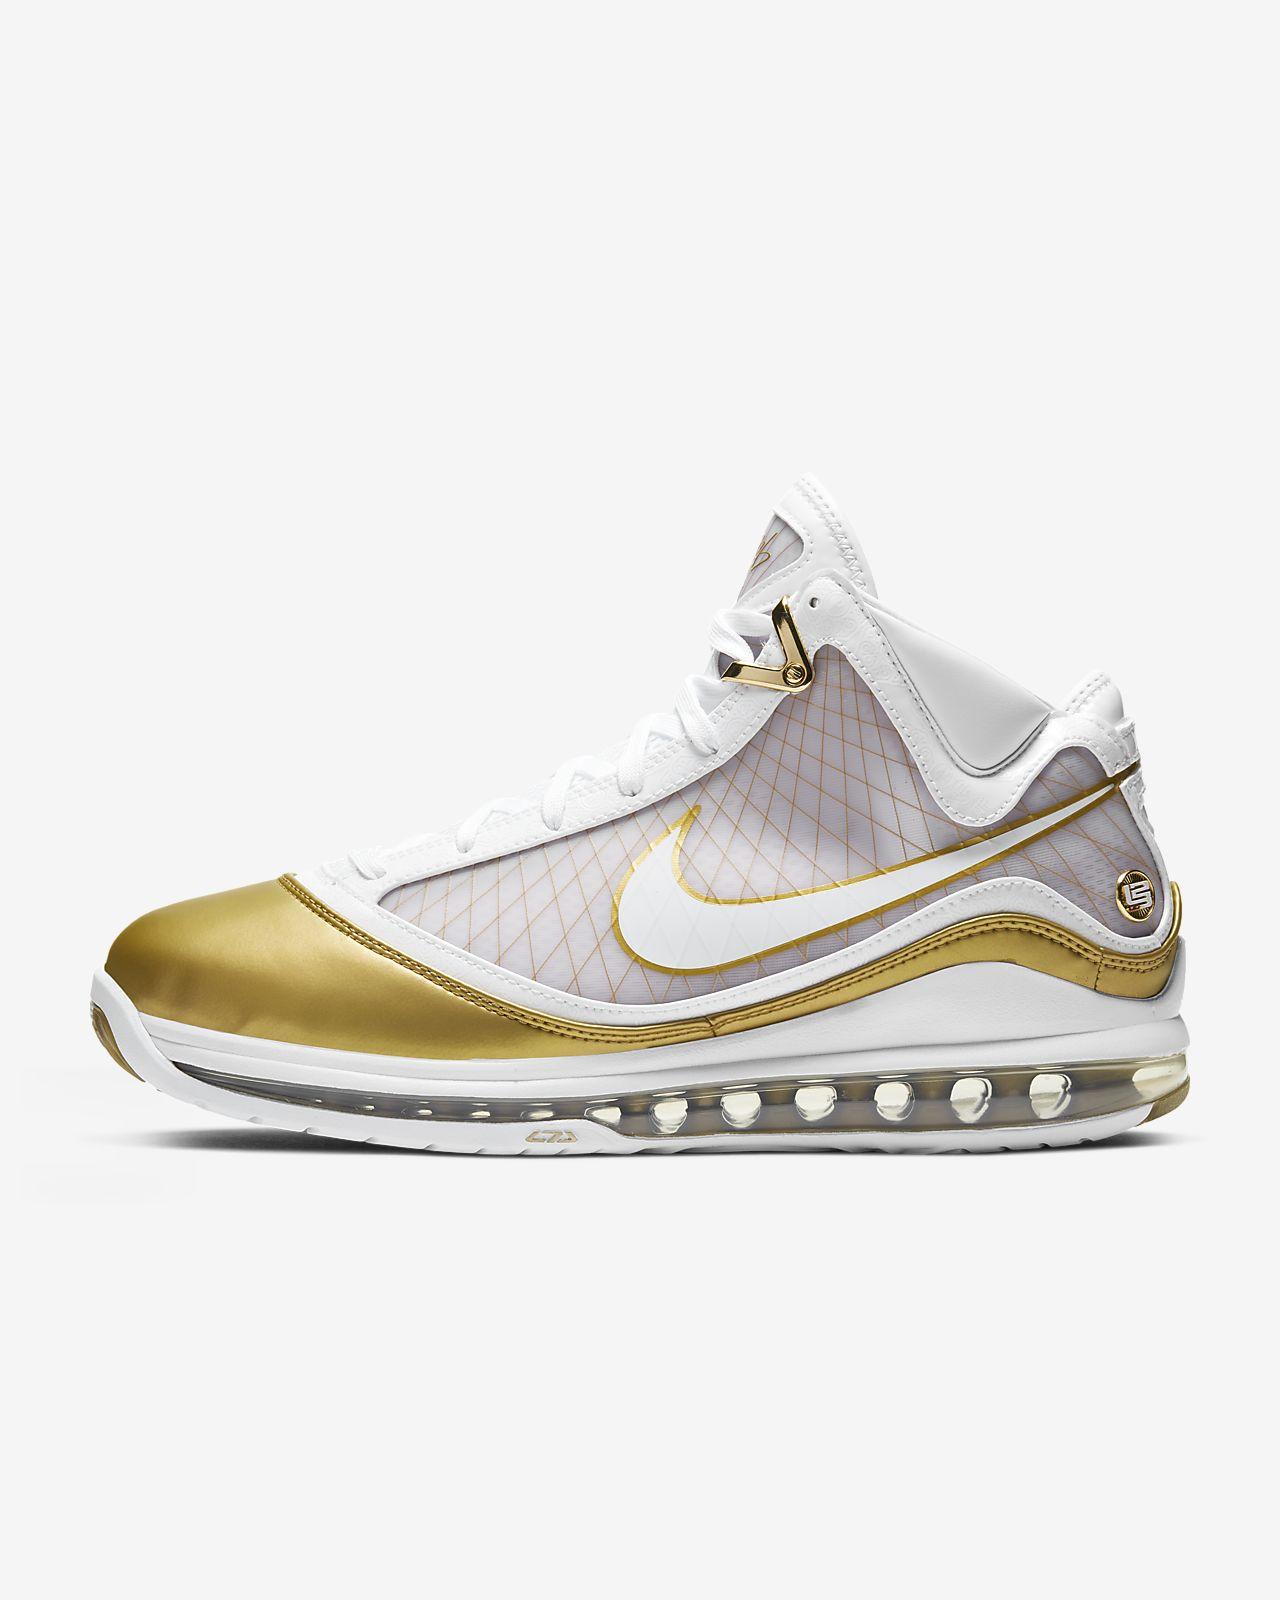 รองเท้าผู้ชาย LeBron 7 QS